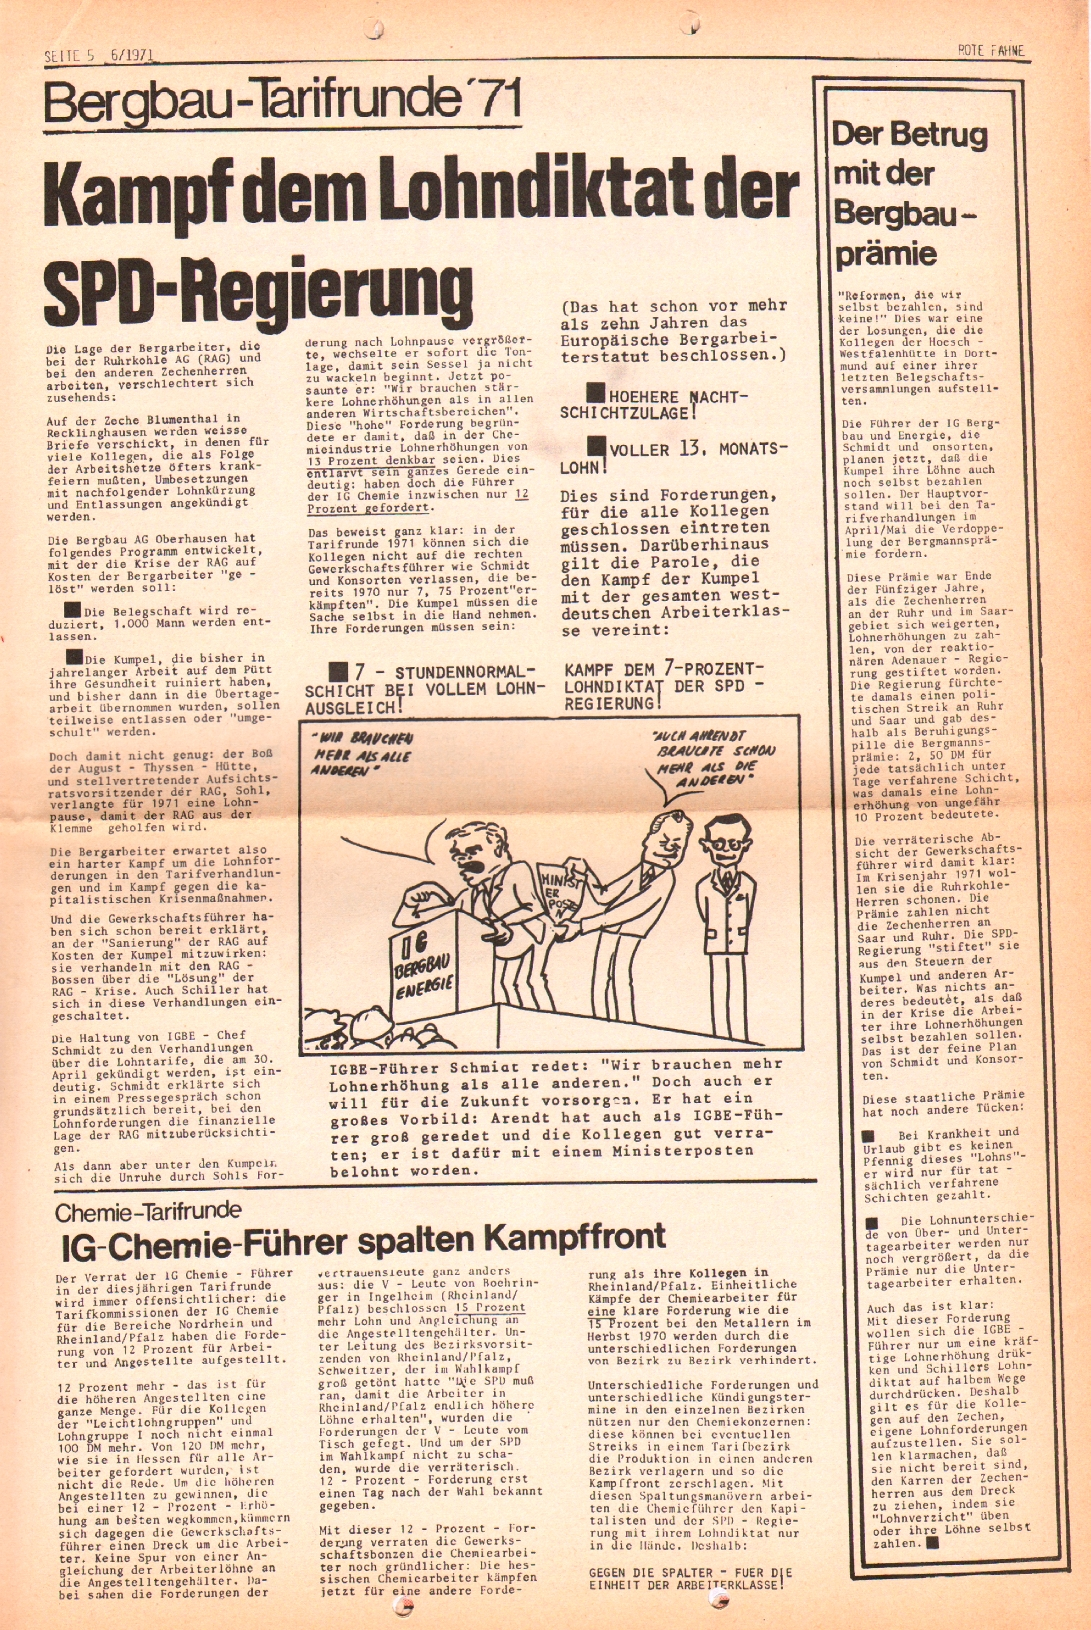 Rote Fahne, 2. Jg., 29.3.1971, Nr. 6, Seite 5